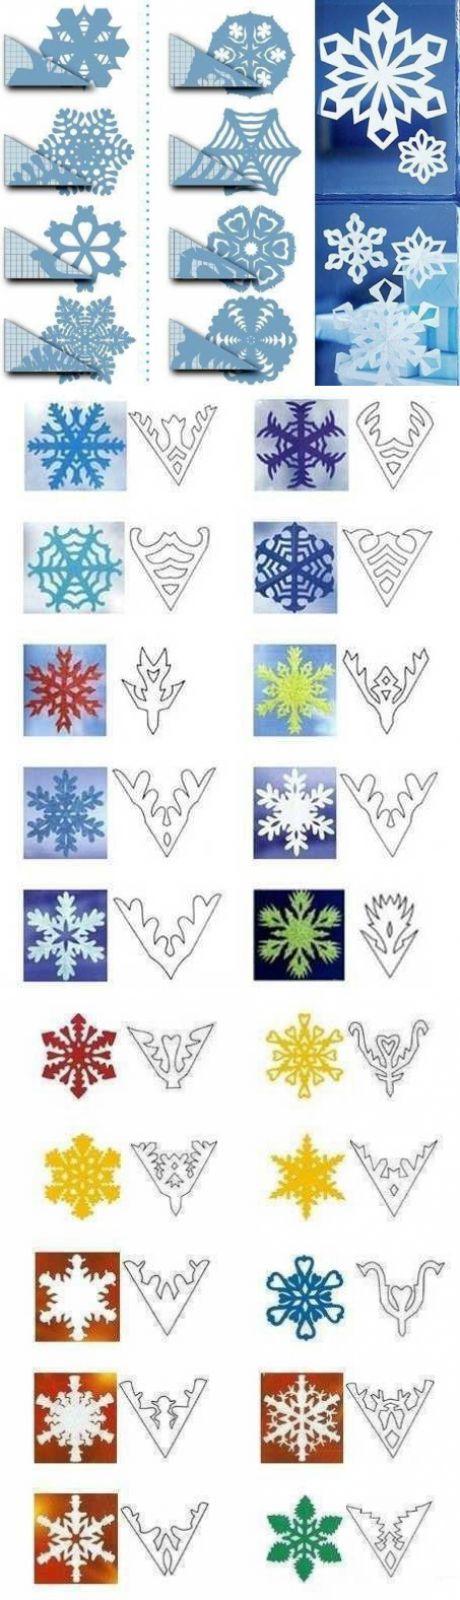 Снежинки из бумаги шаблоны для вырезания - 50 штук